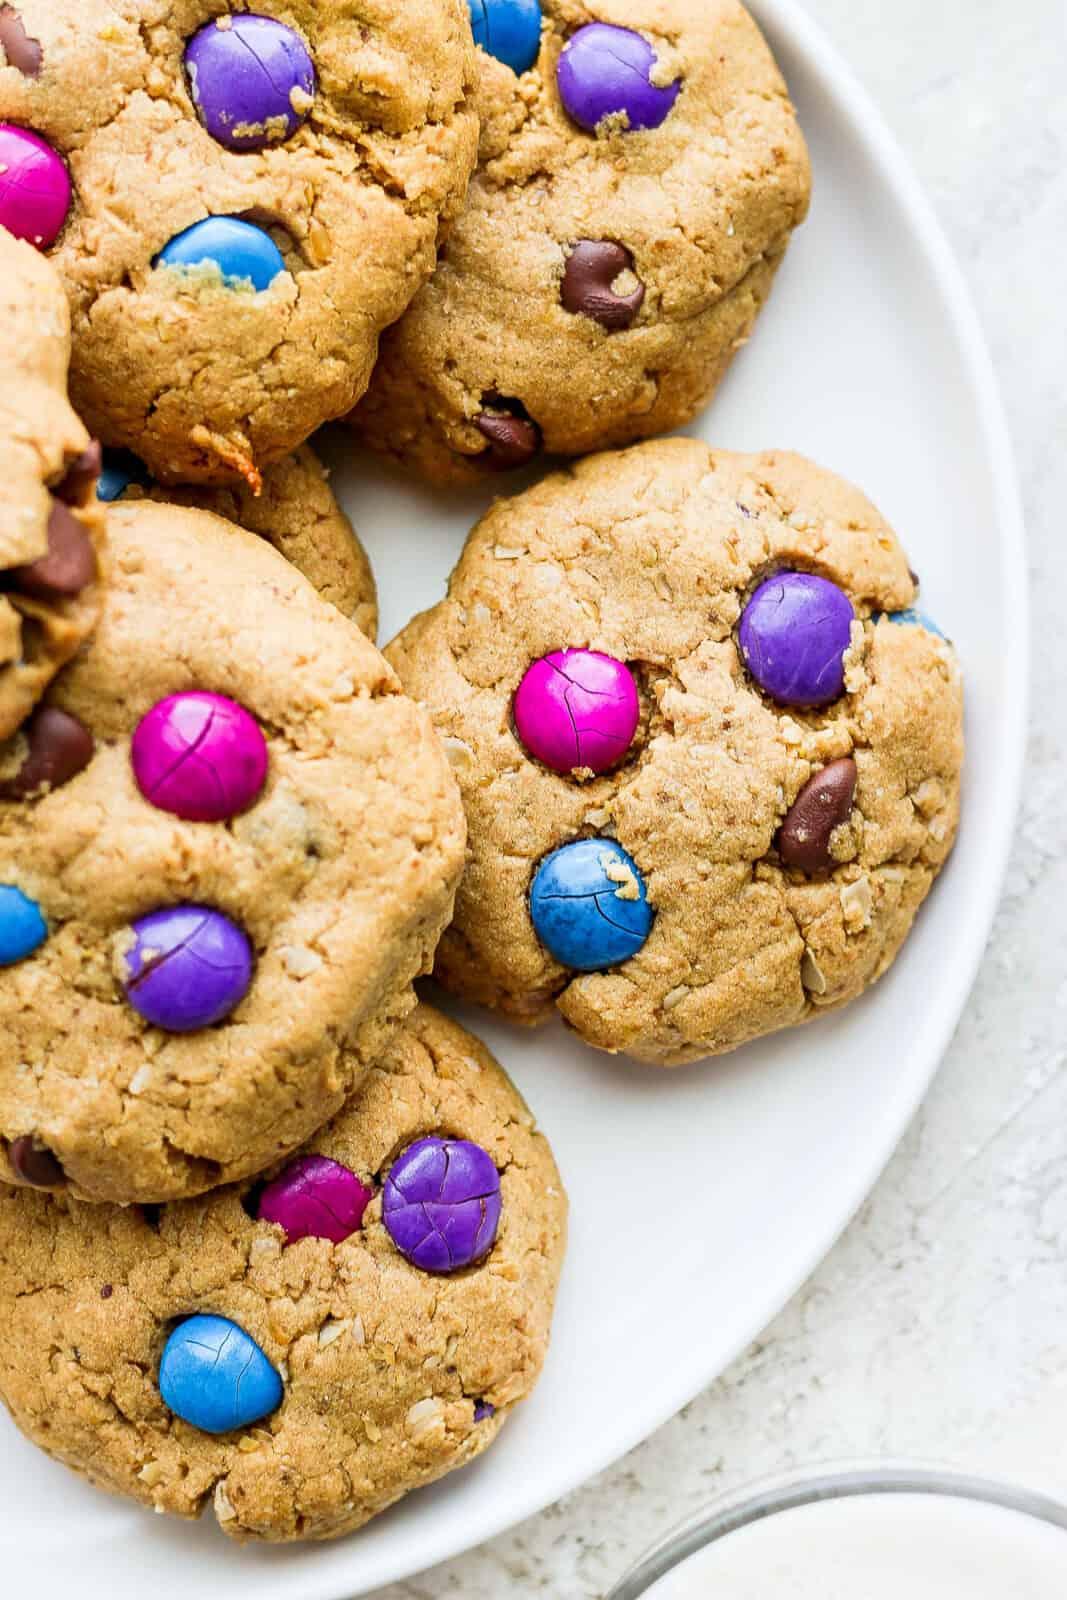 Plate of monster cookies.